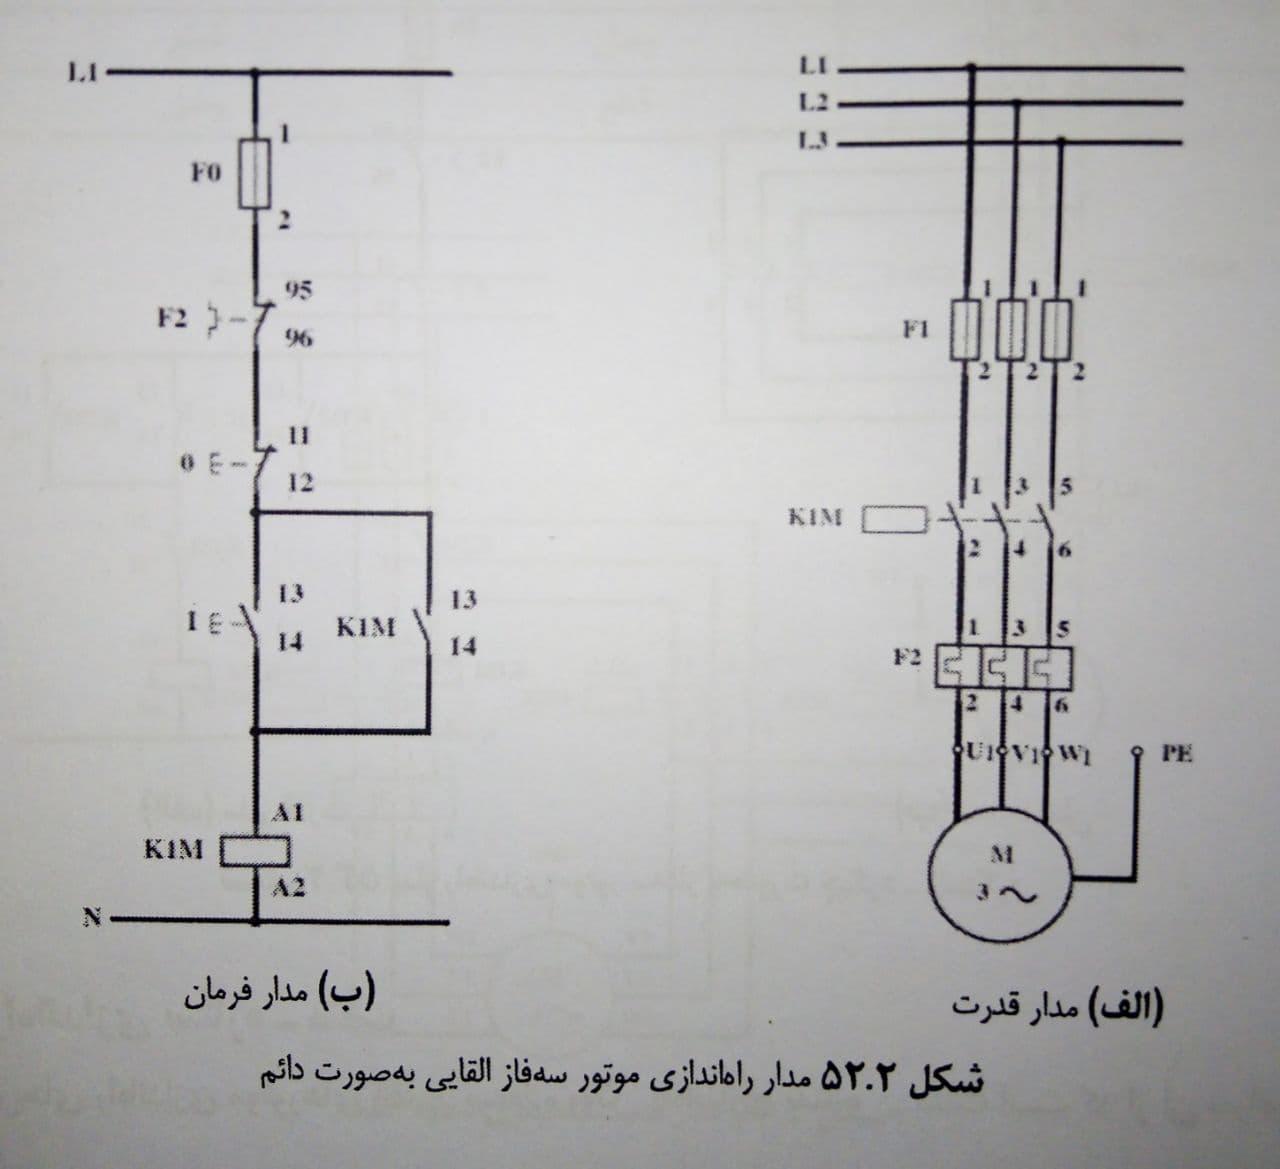 مدار راه اندازی موتور سه فاز القایی به صورت دائم